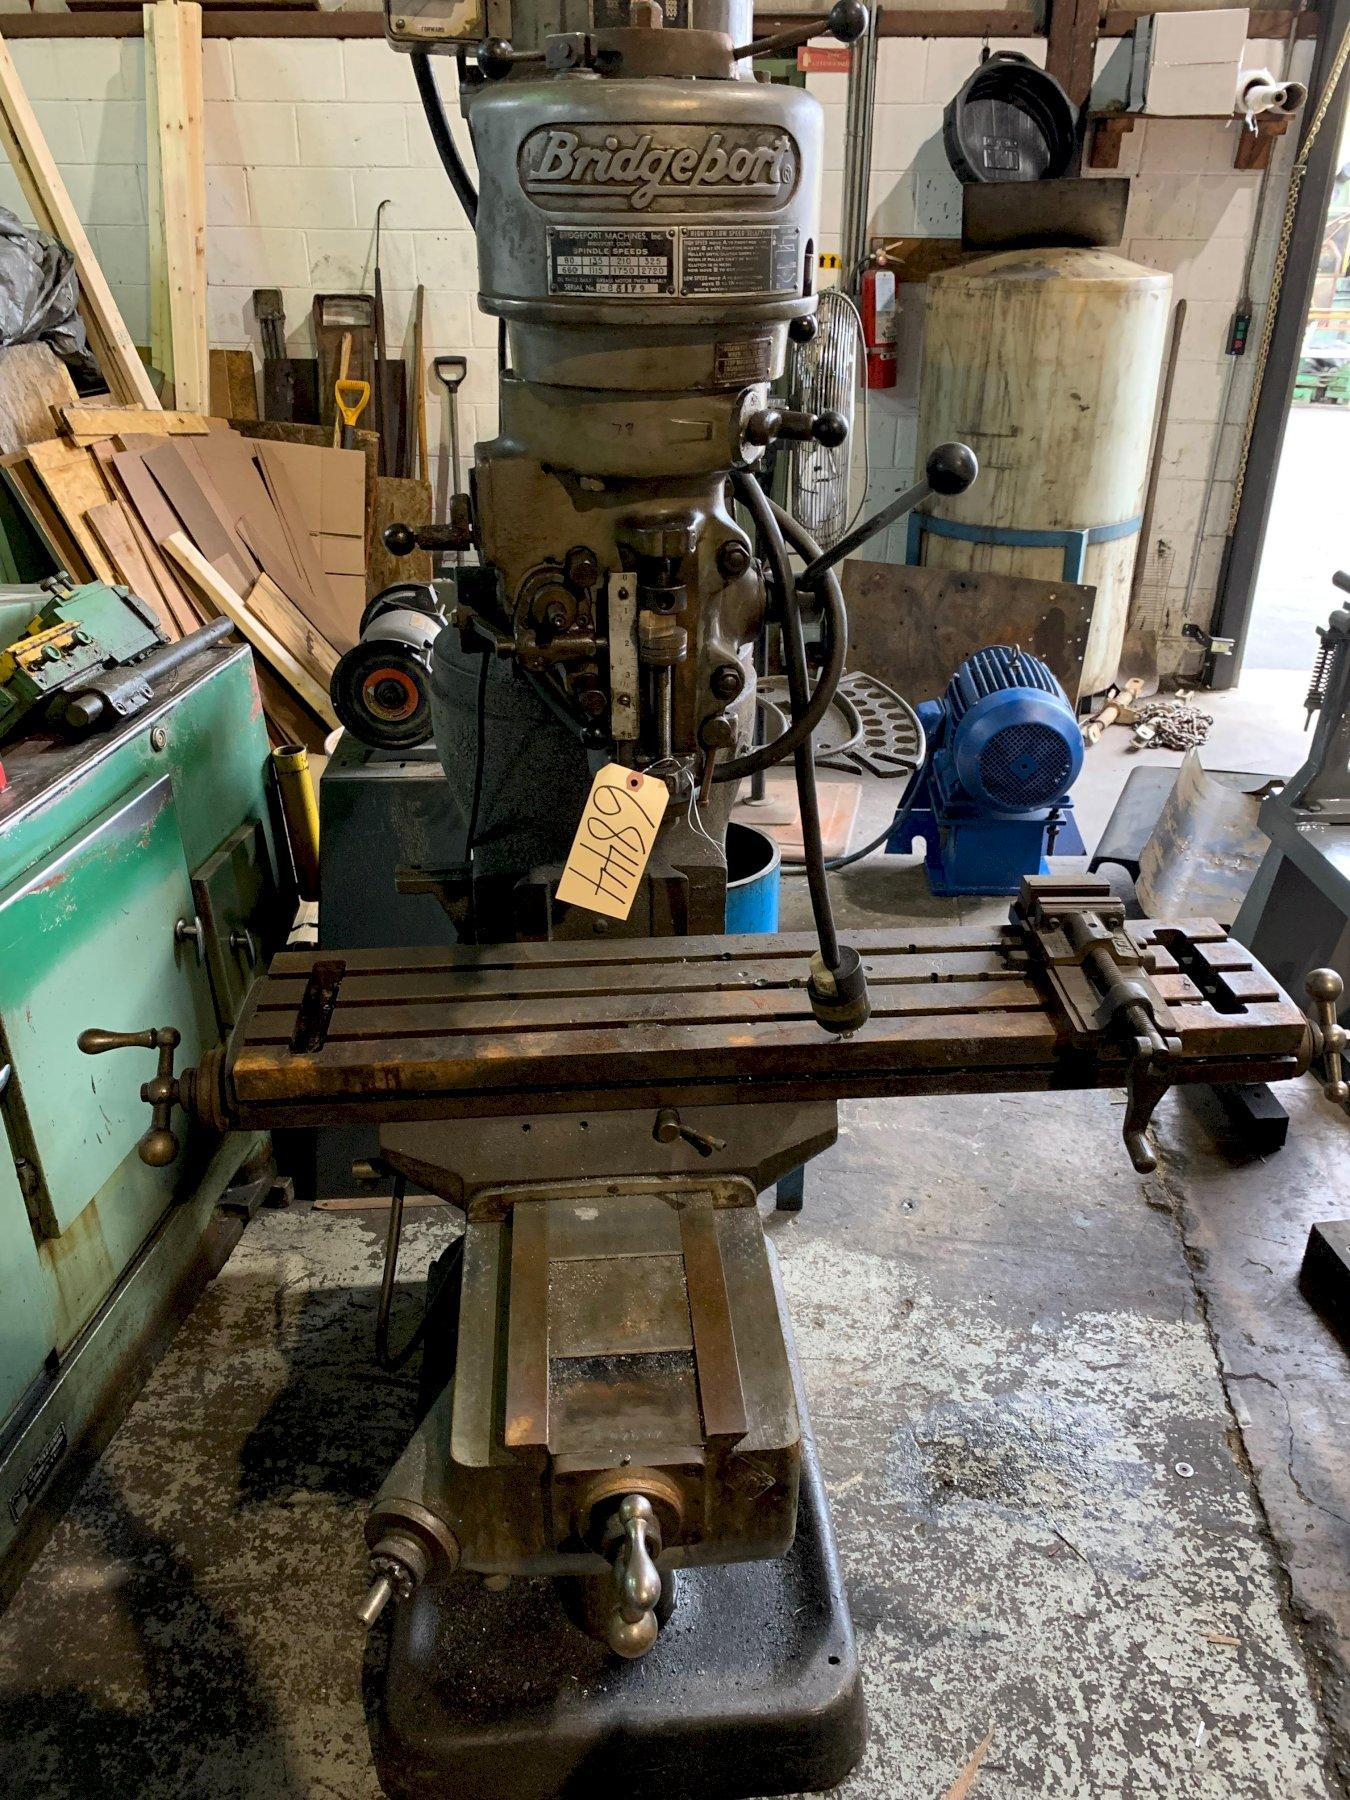 Bridgeport J Head Milling Machine